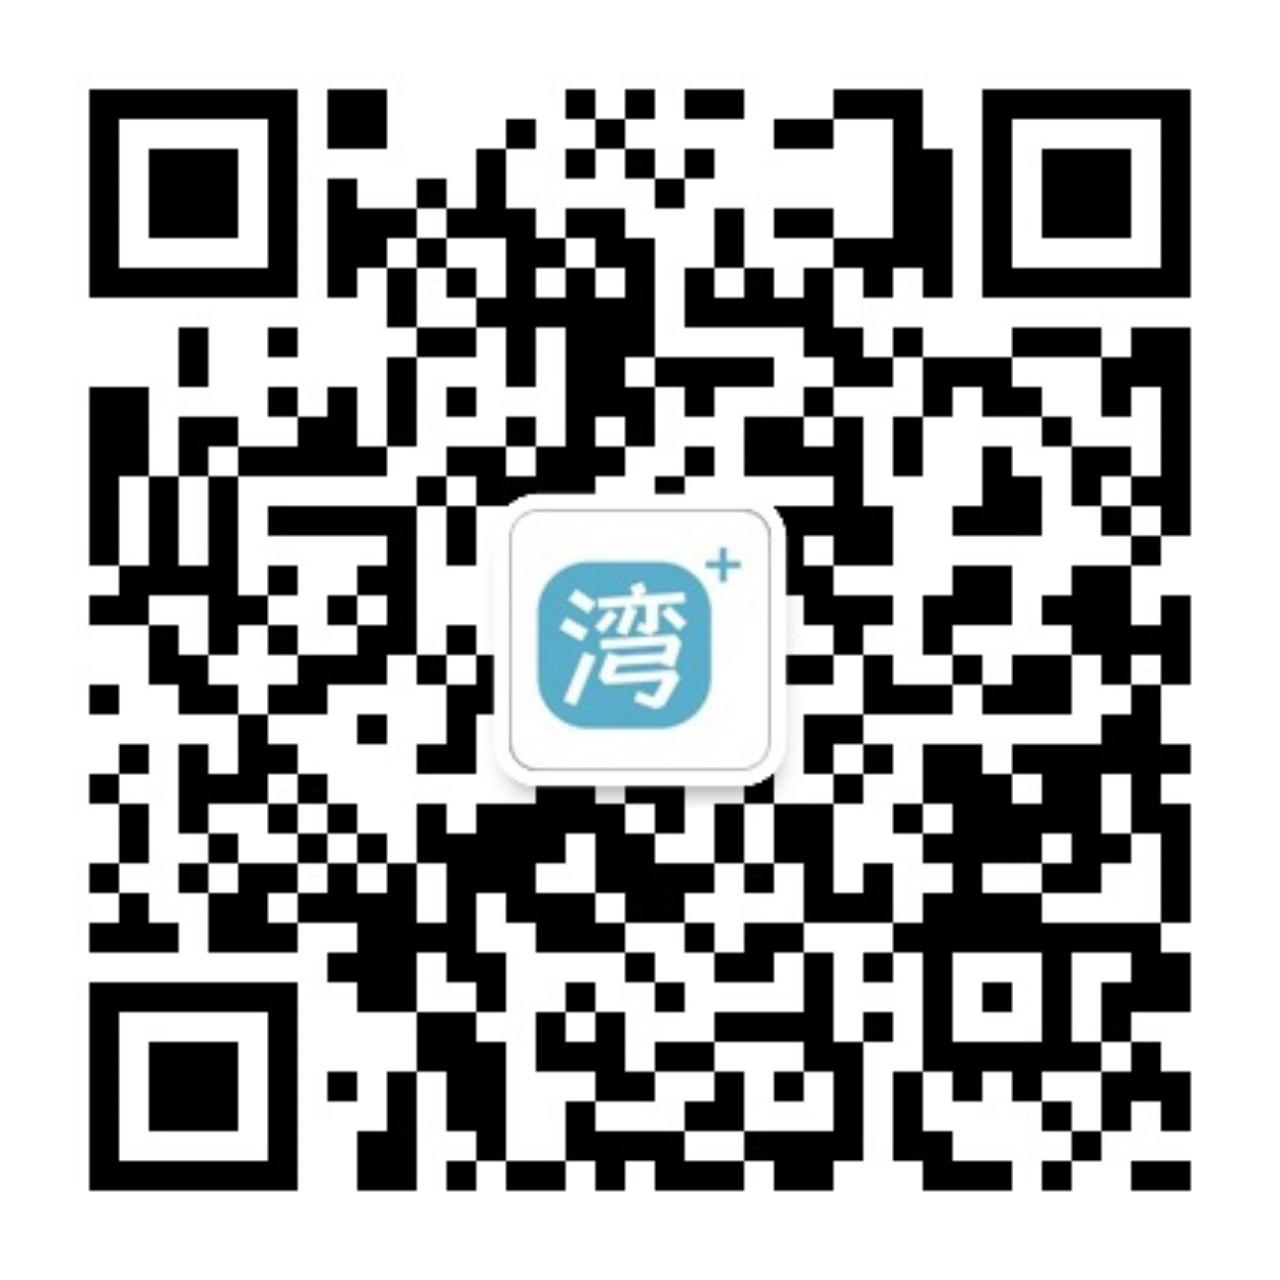 Uploads%2fevent contacts%2fqr code%2f479309923%2f